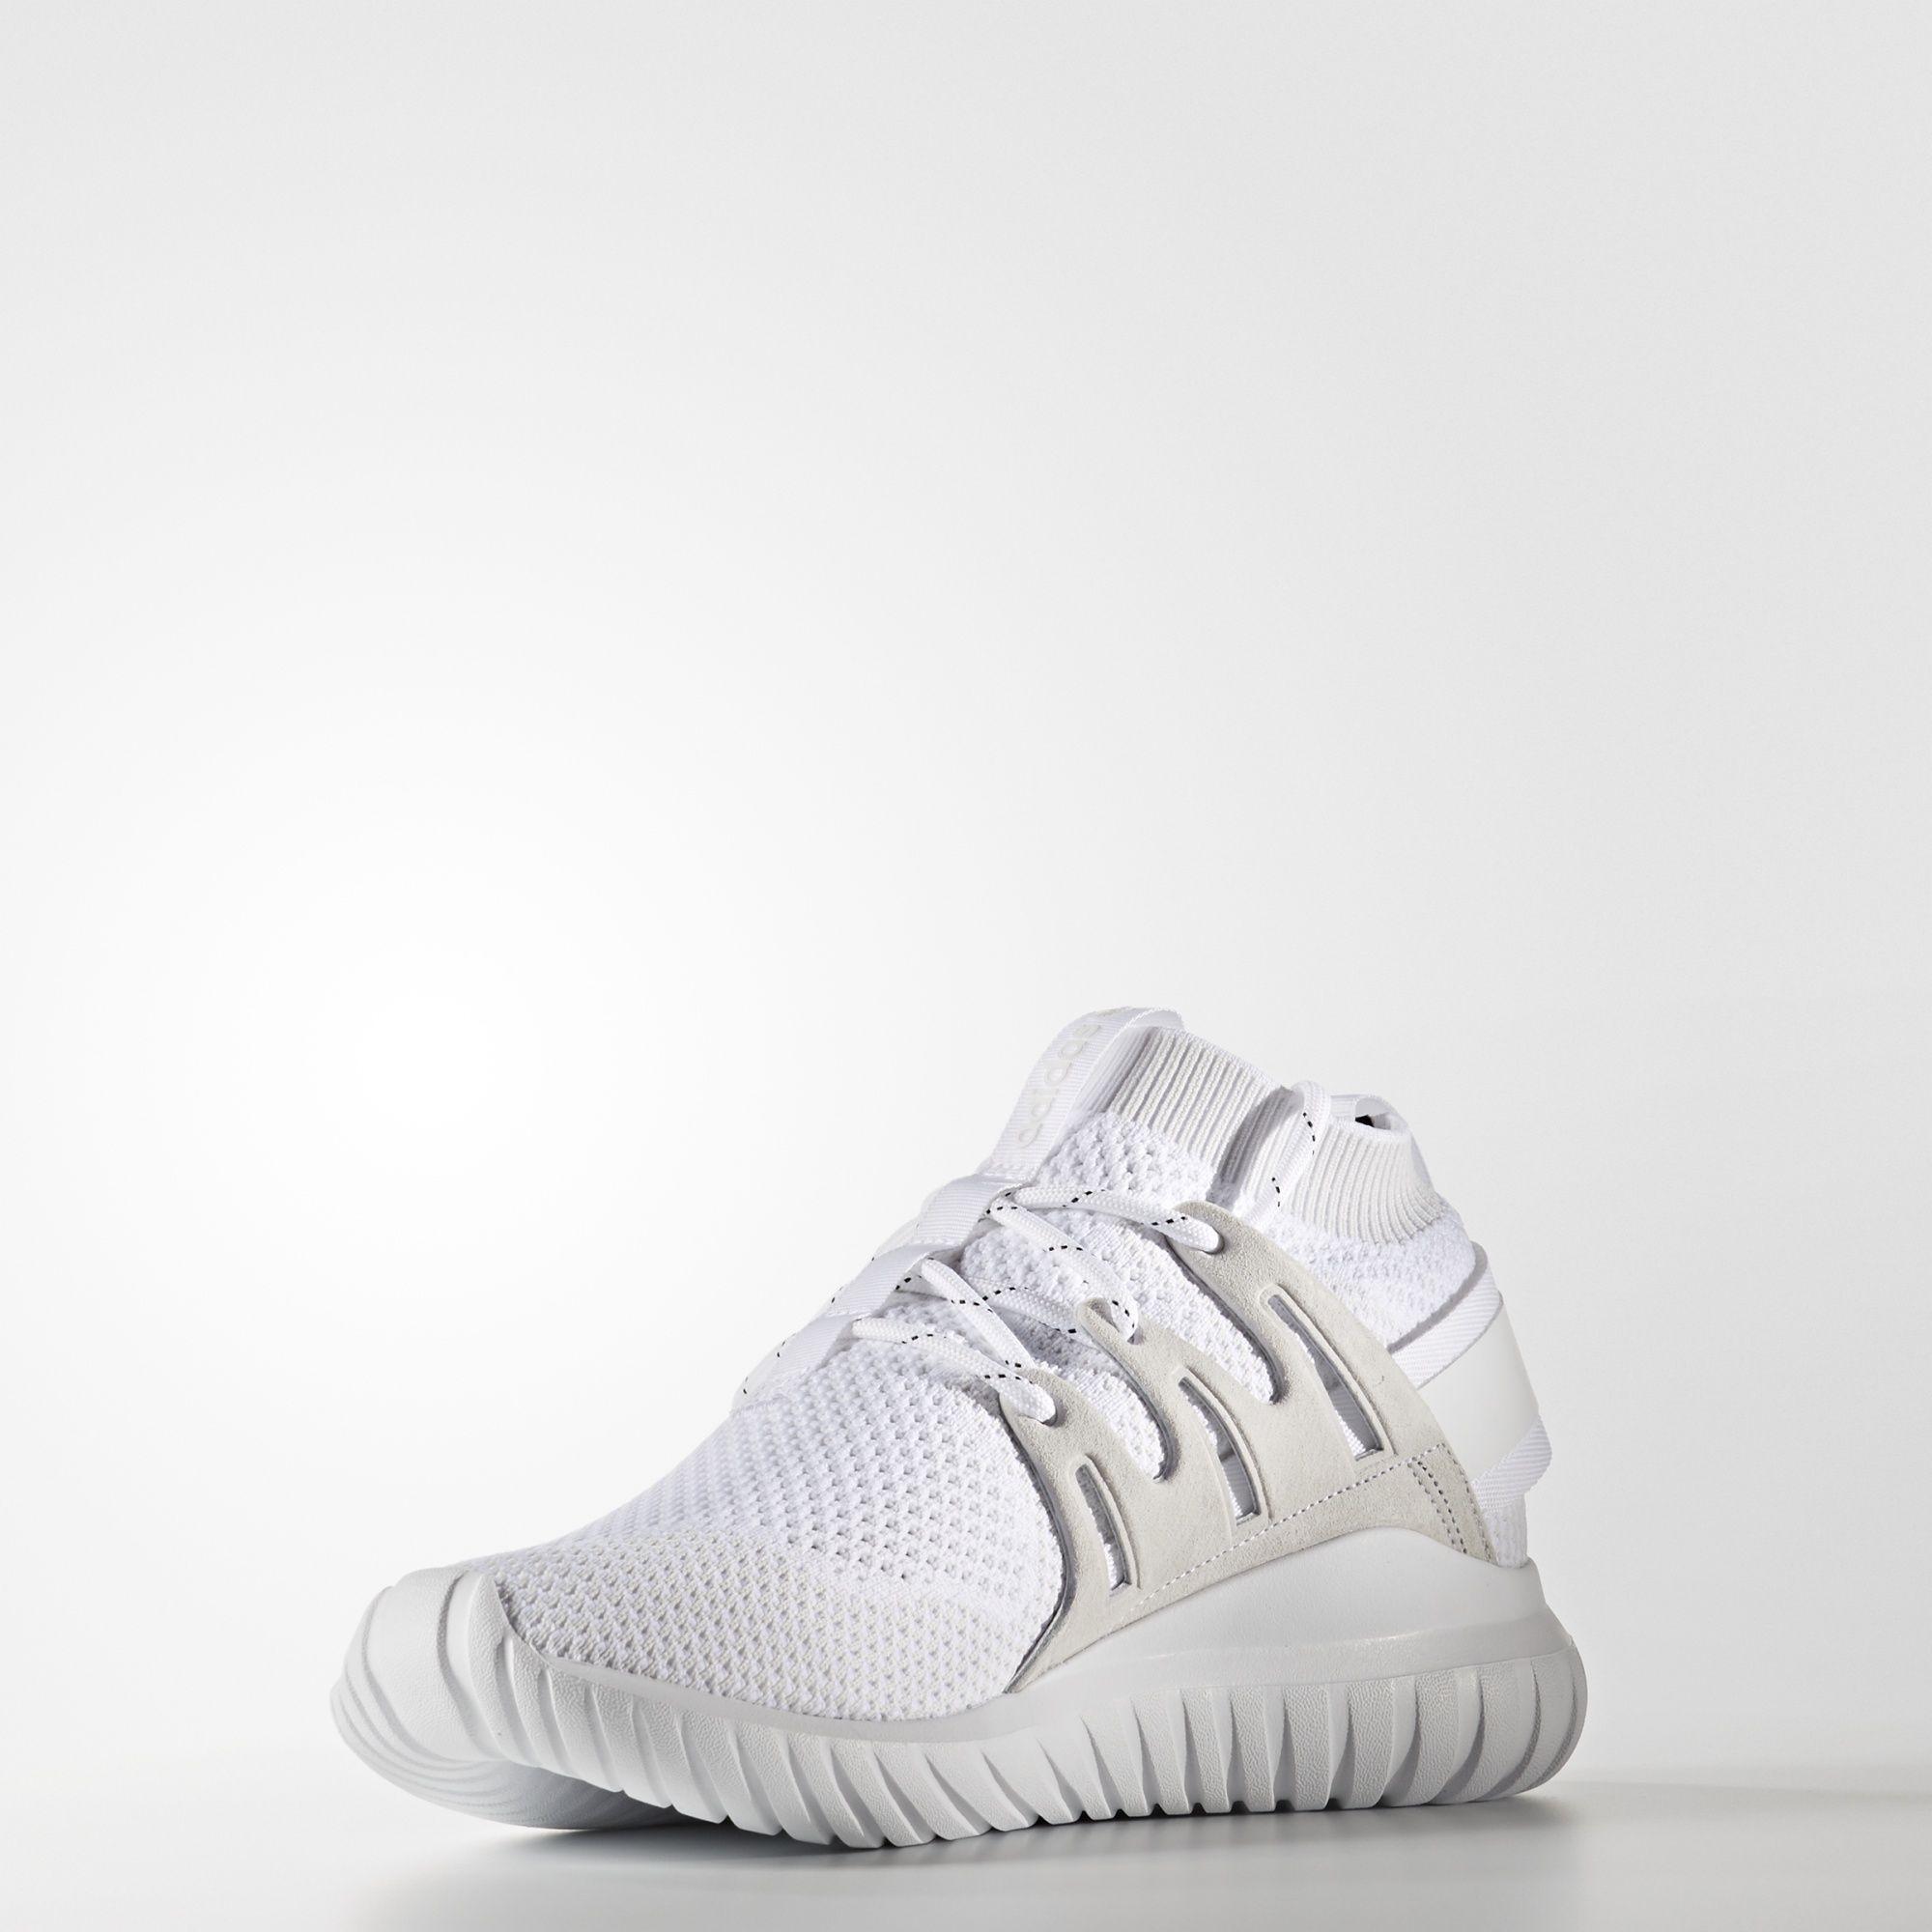 adidas, le real madrid a publié une trousse du foot